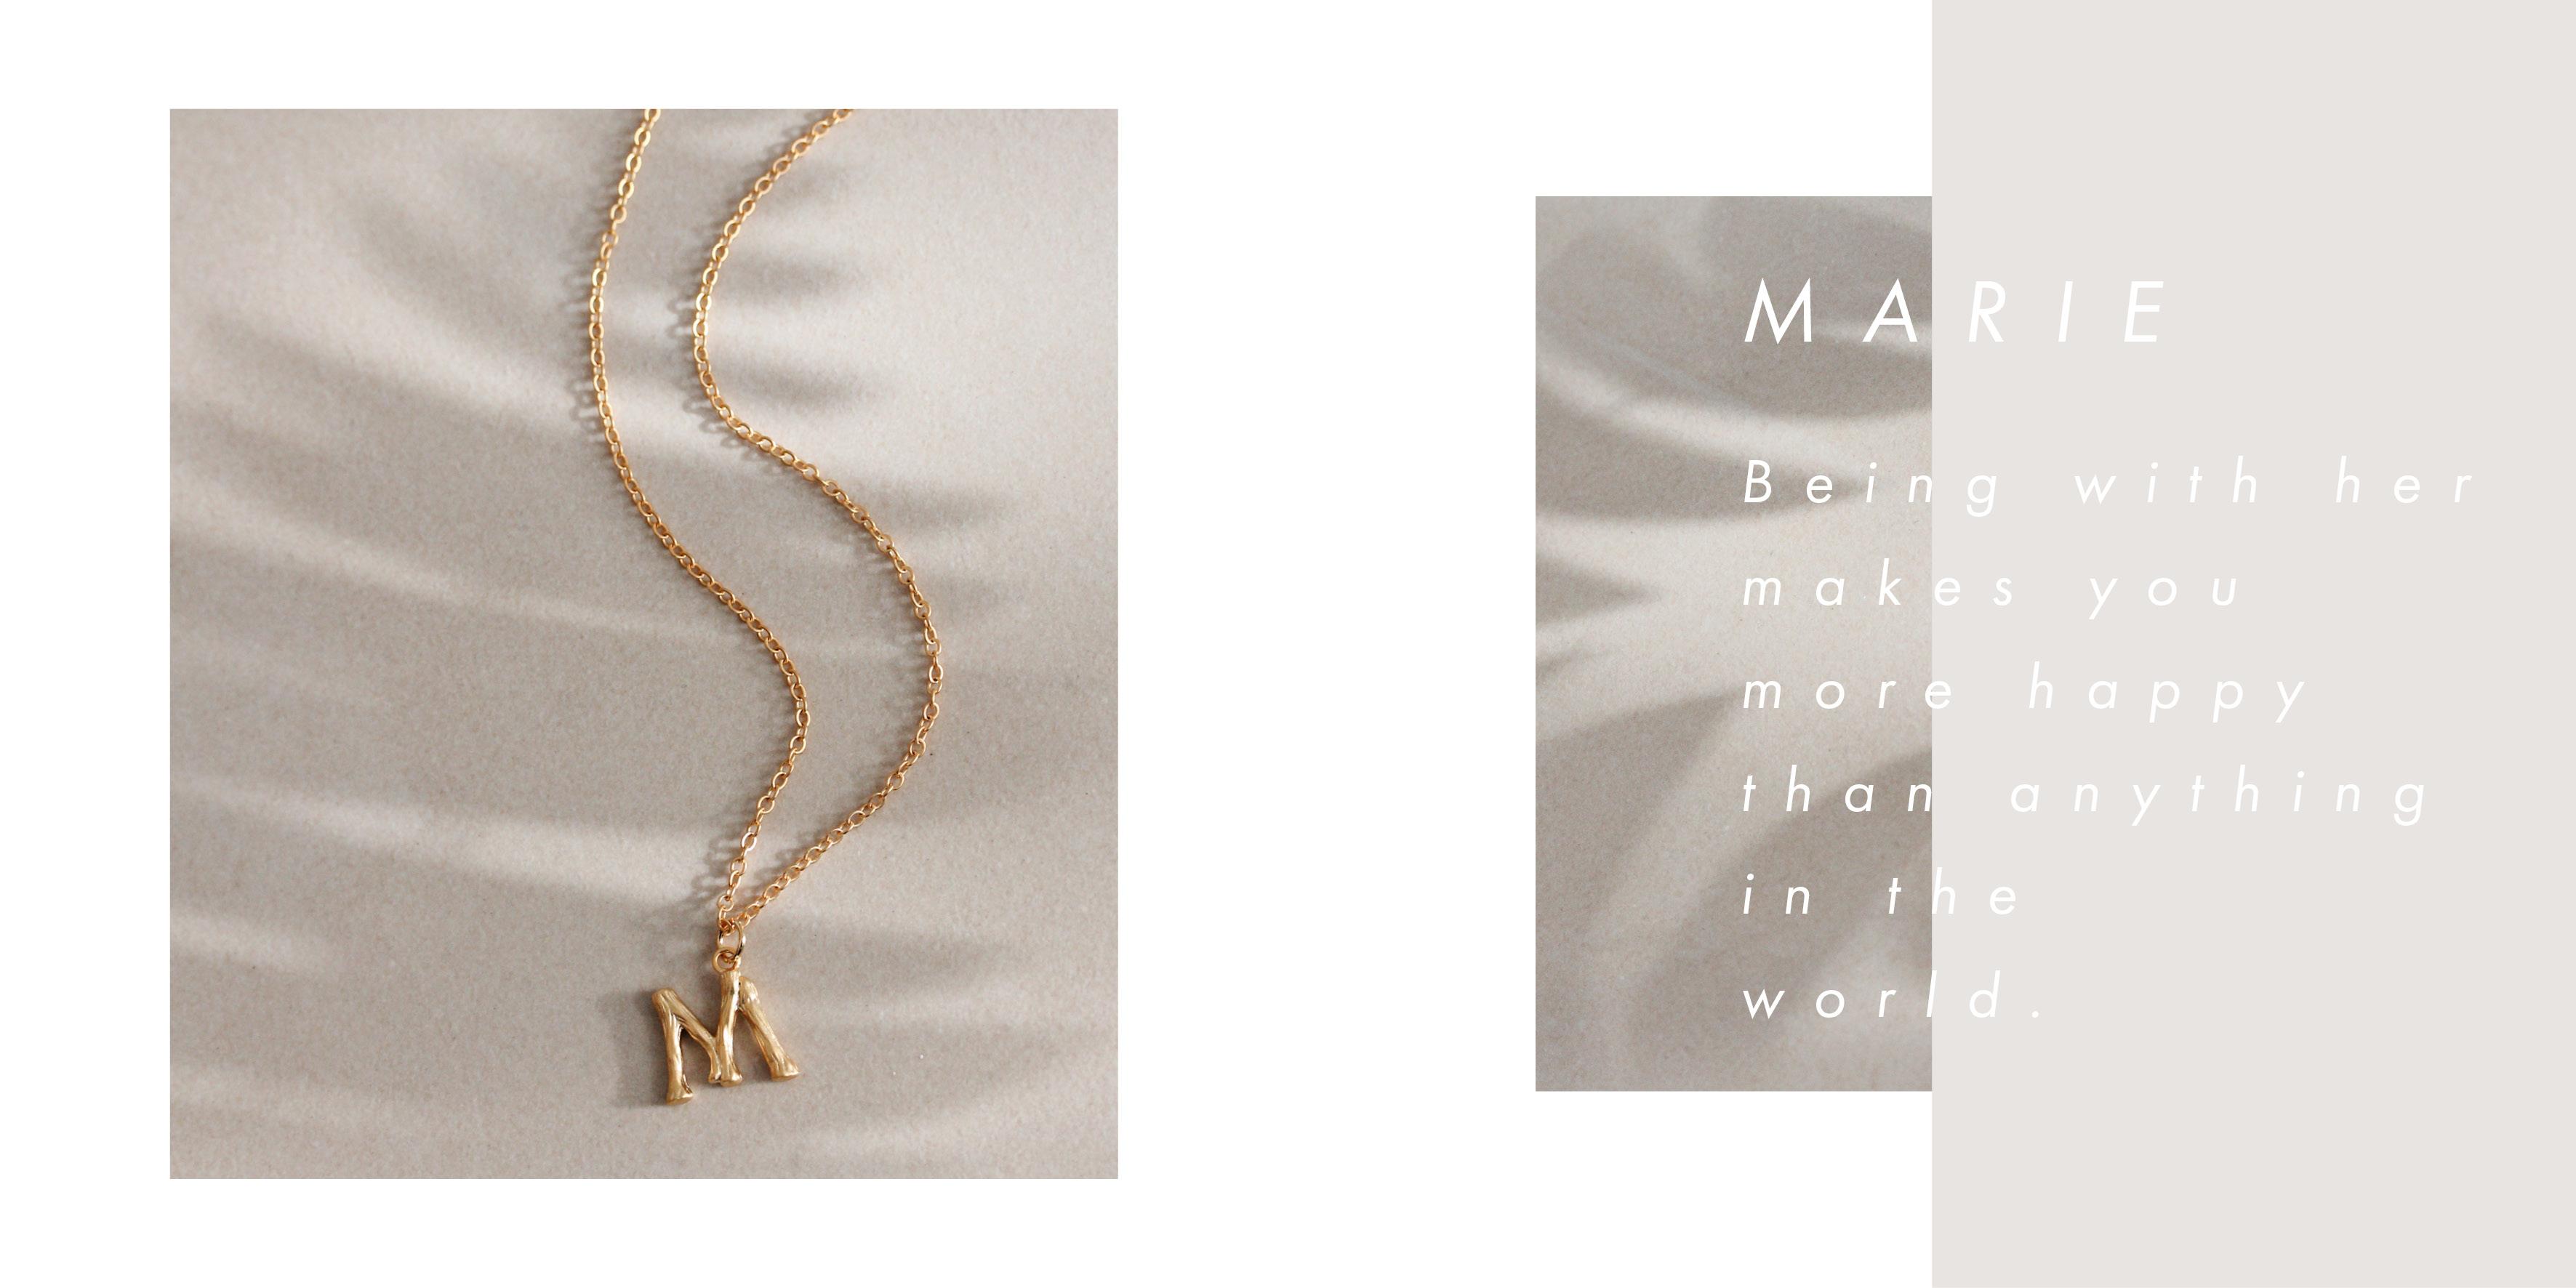 personalisierter Schmuck in einem modernen Design Madeleine Issing